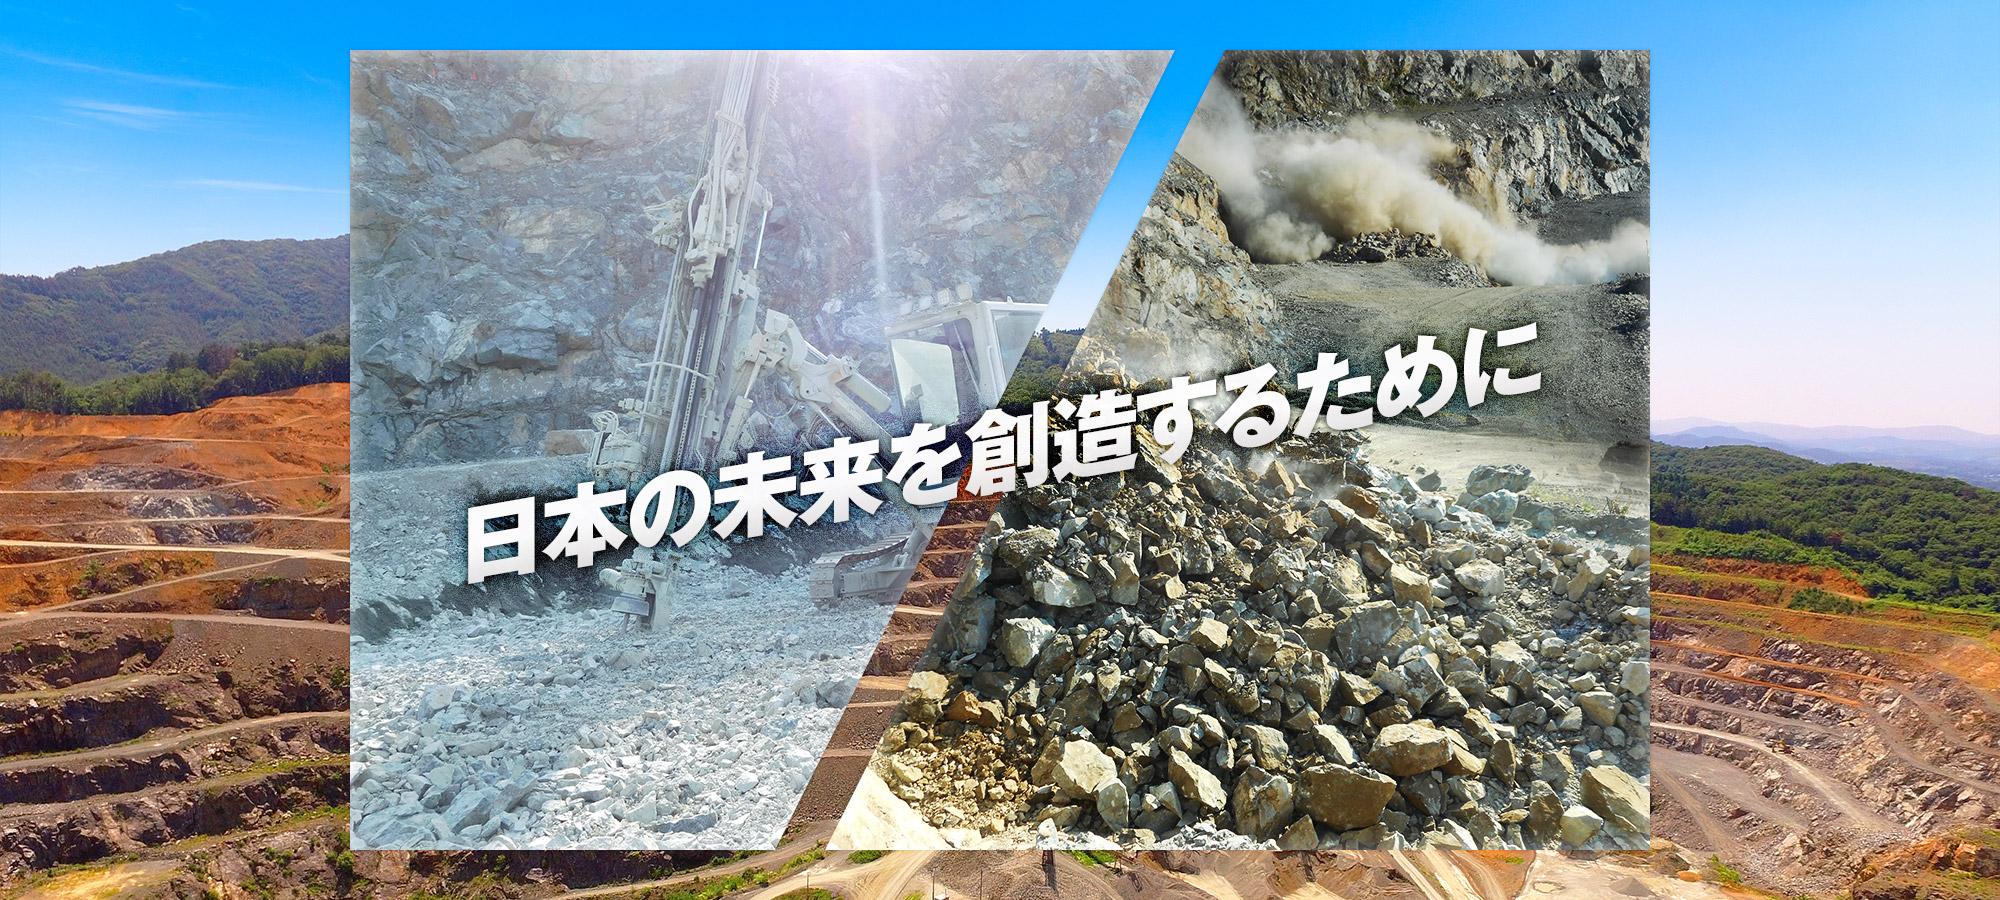 日本の未来を創造するために